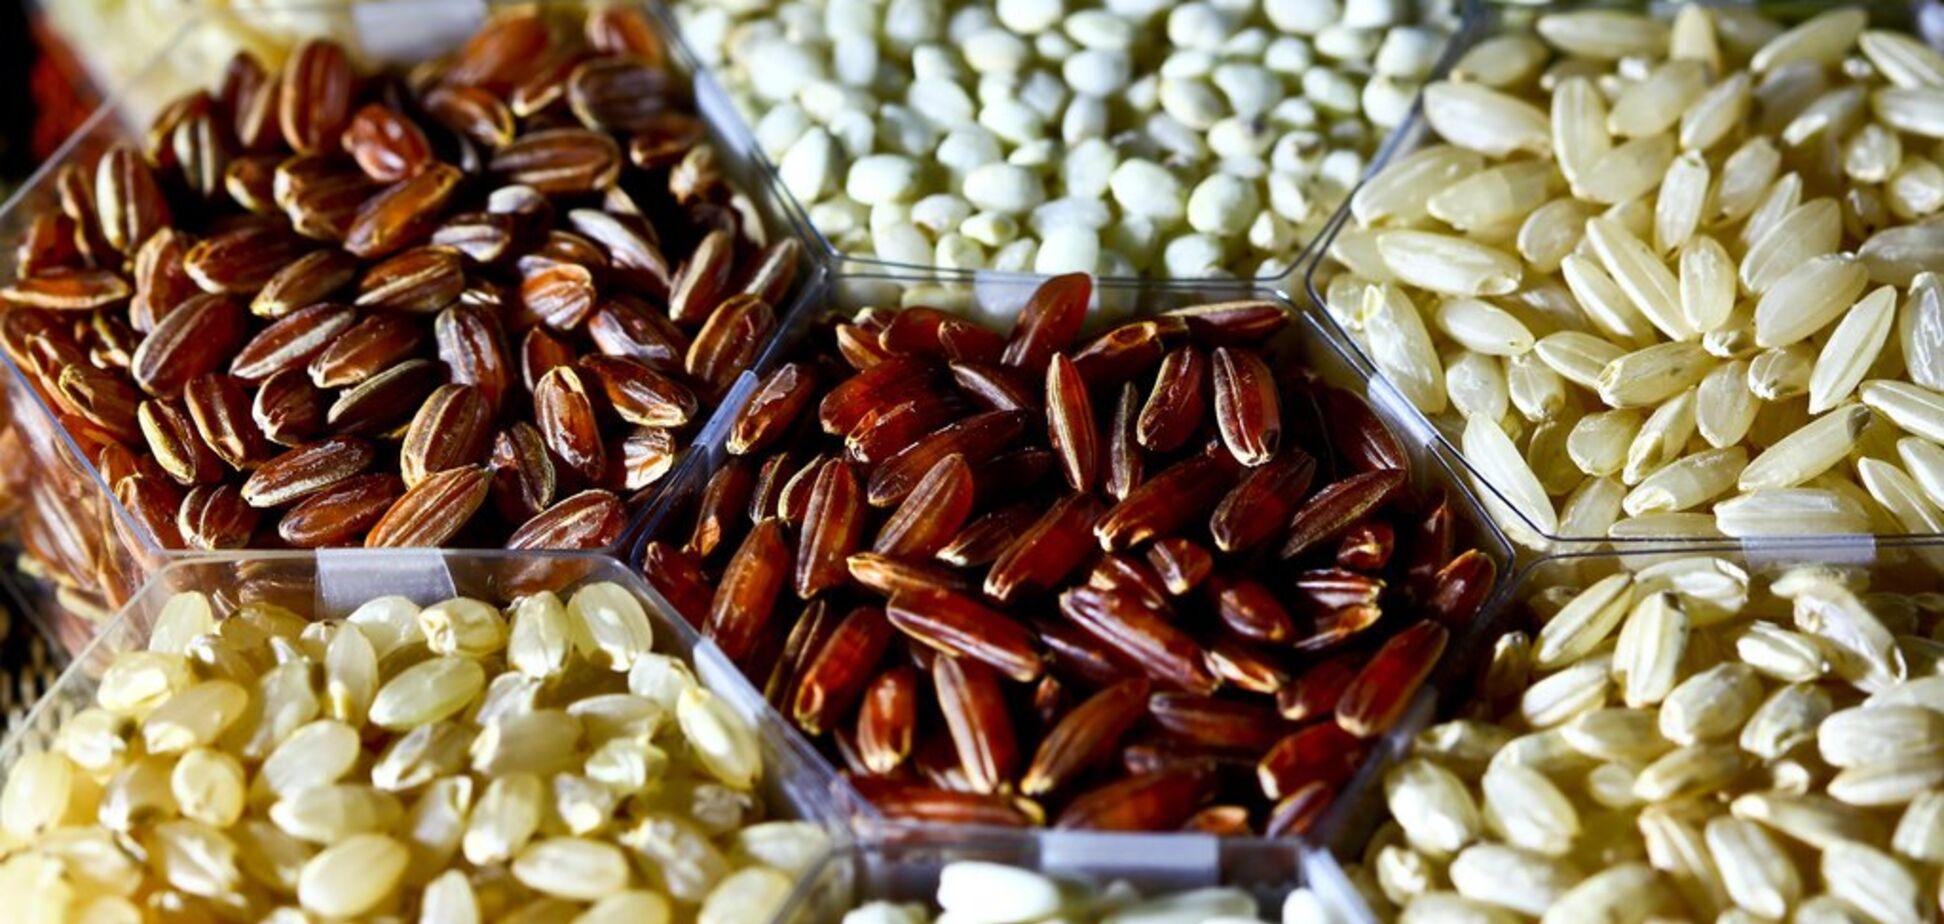 Чем опасен коричневый рис?